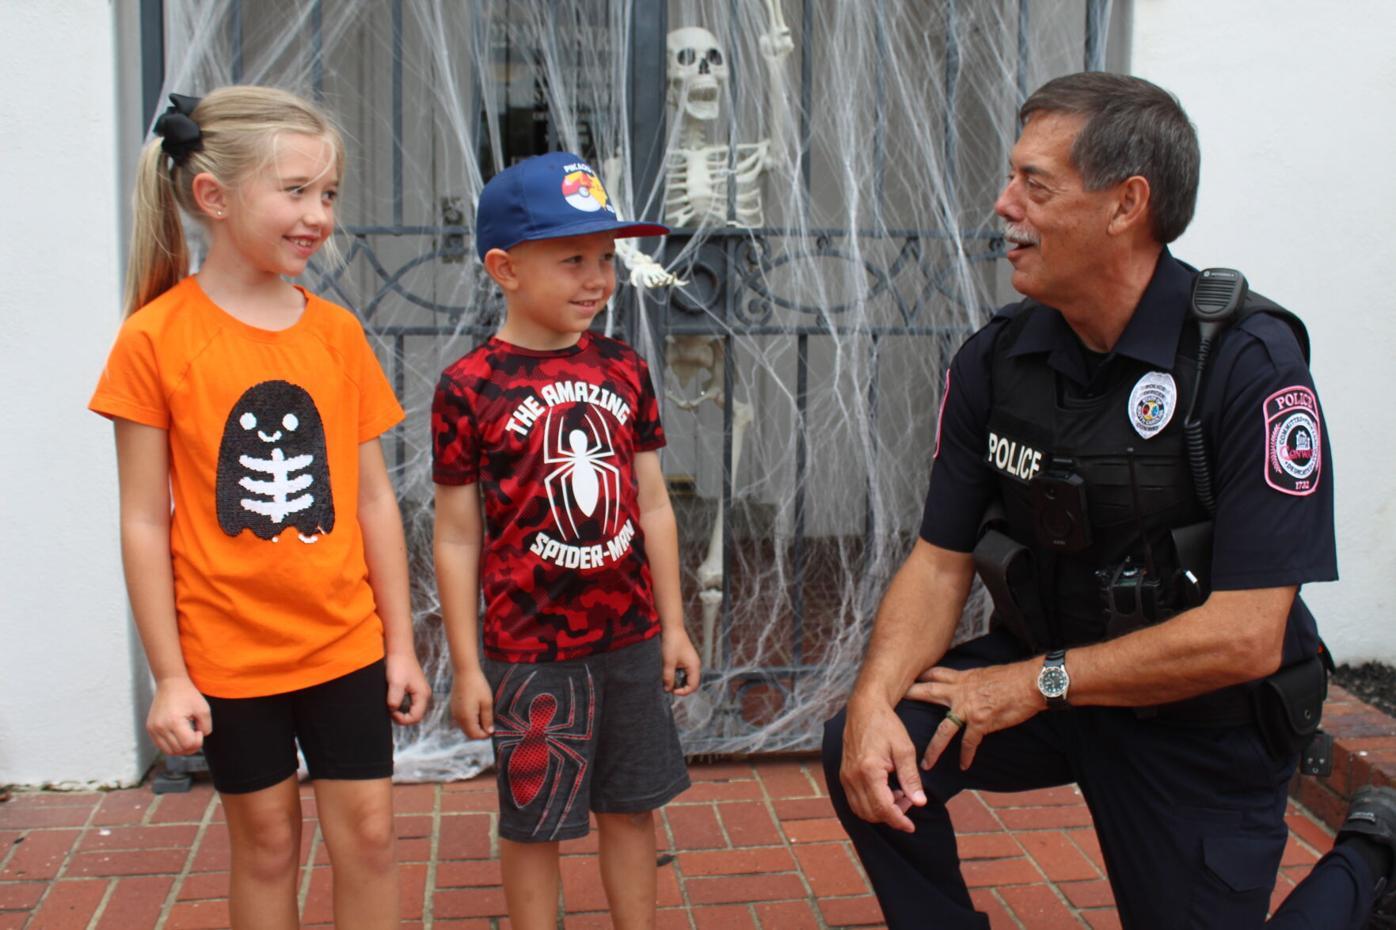 Calhoun with Weis children